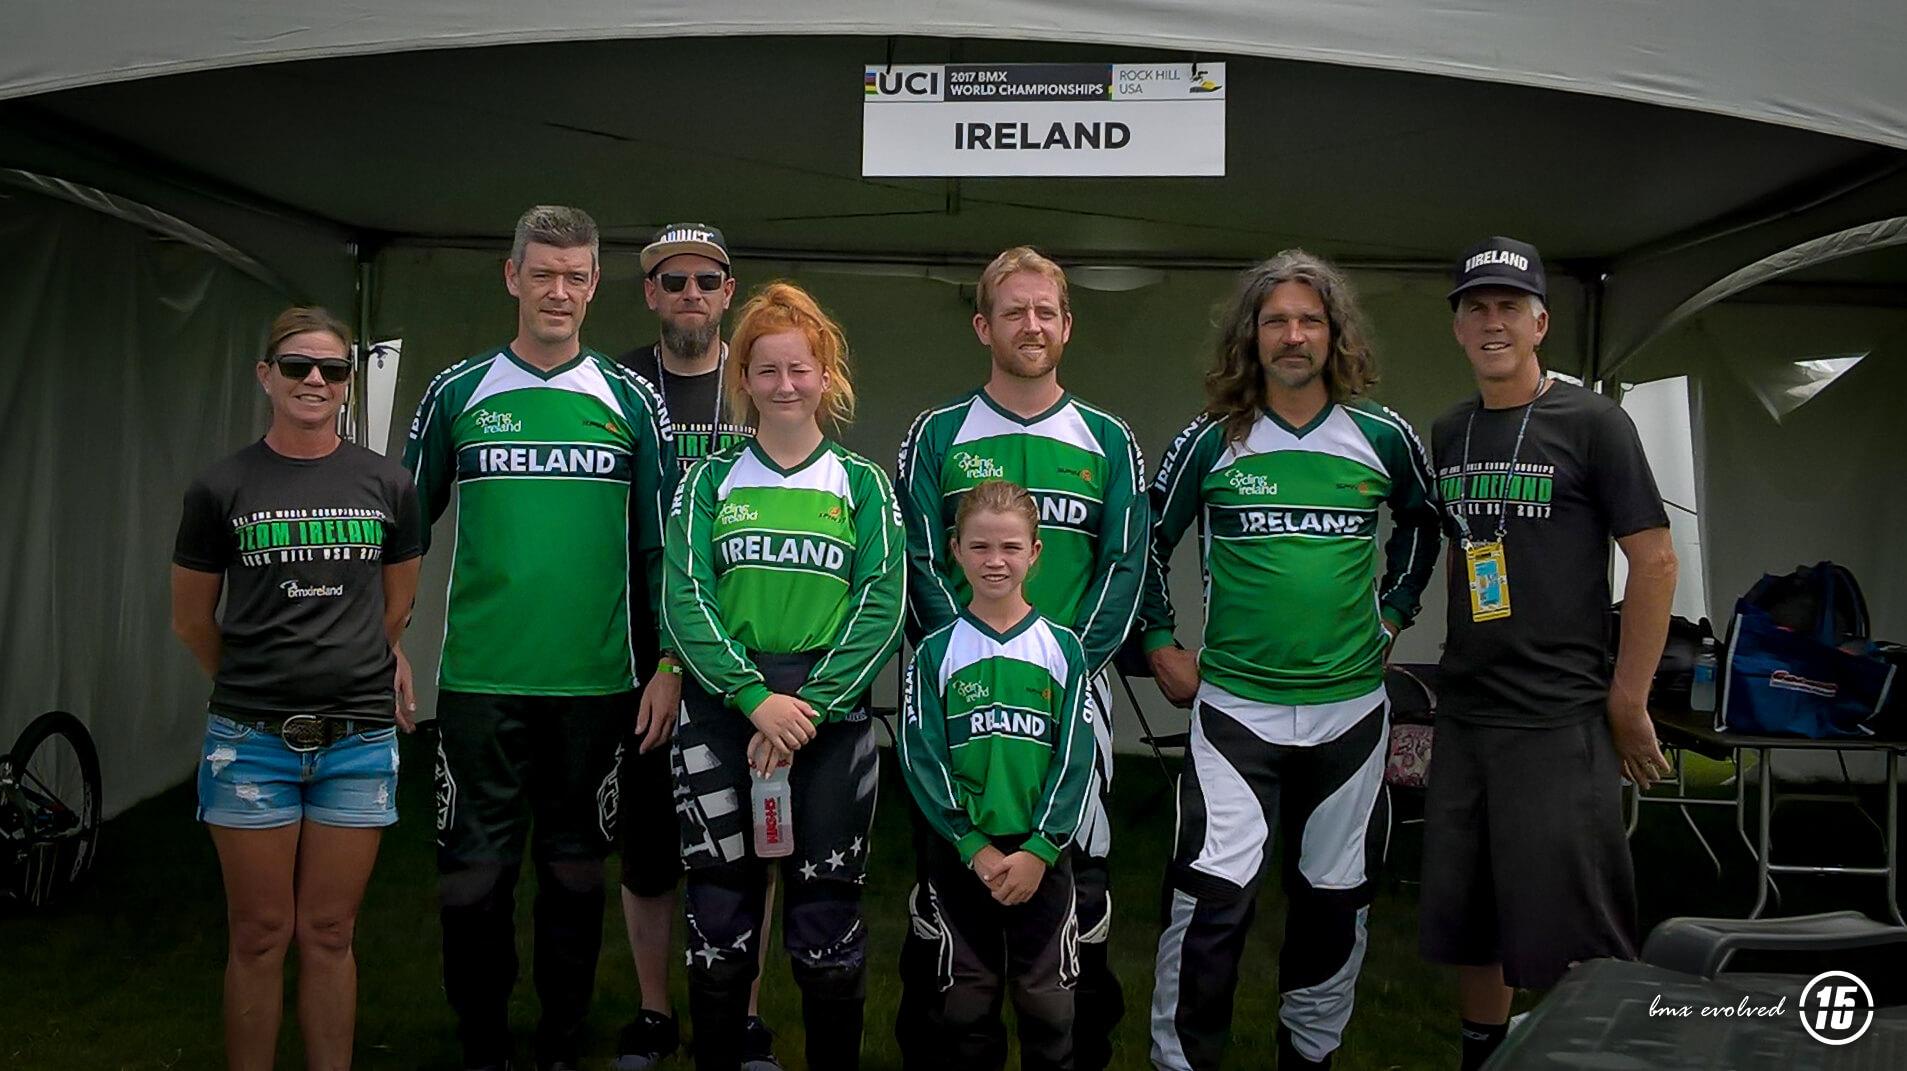 2017 Irish Worlds Team